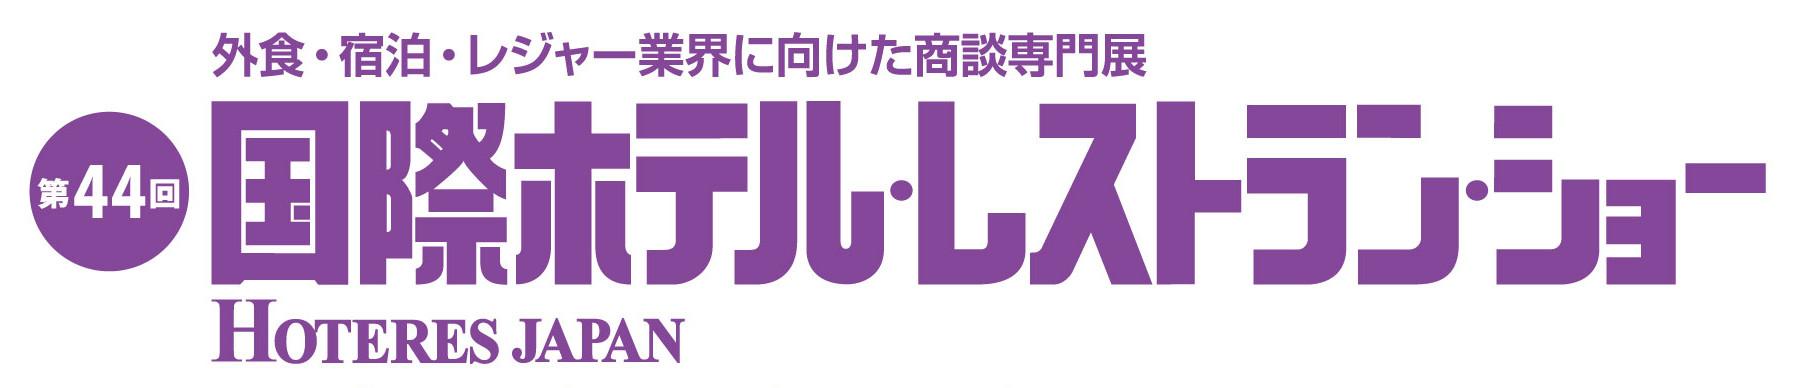 hcj2016-1_JPG